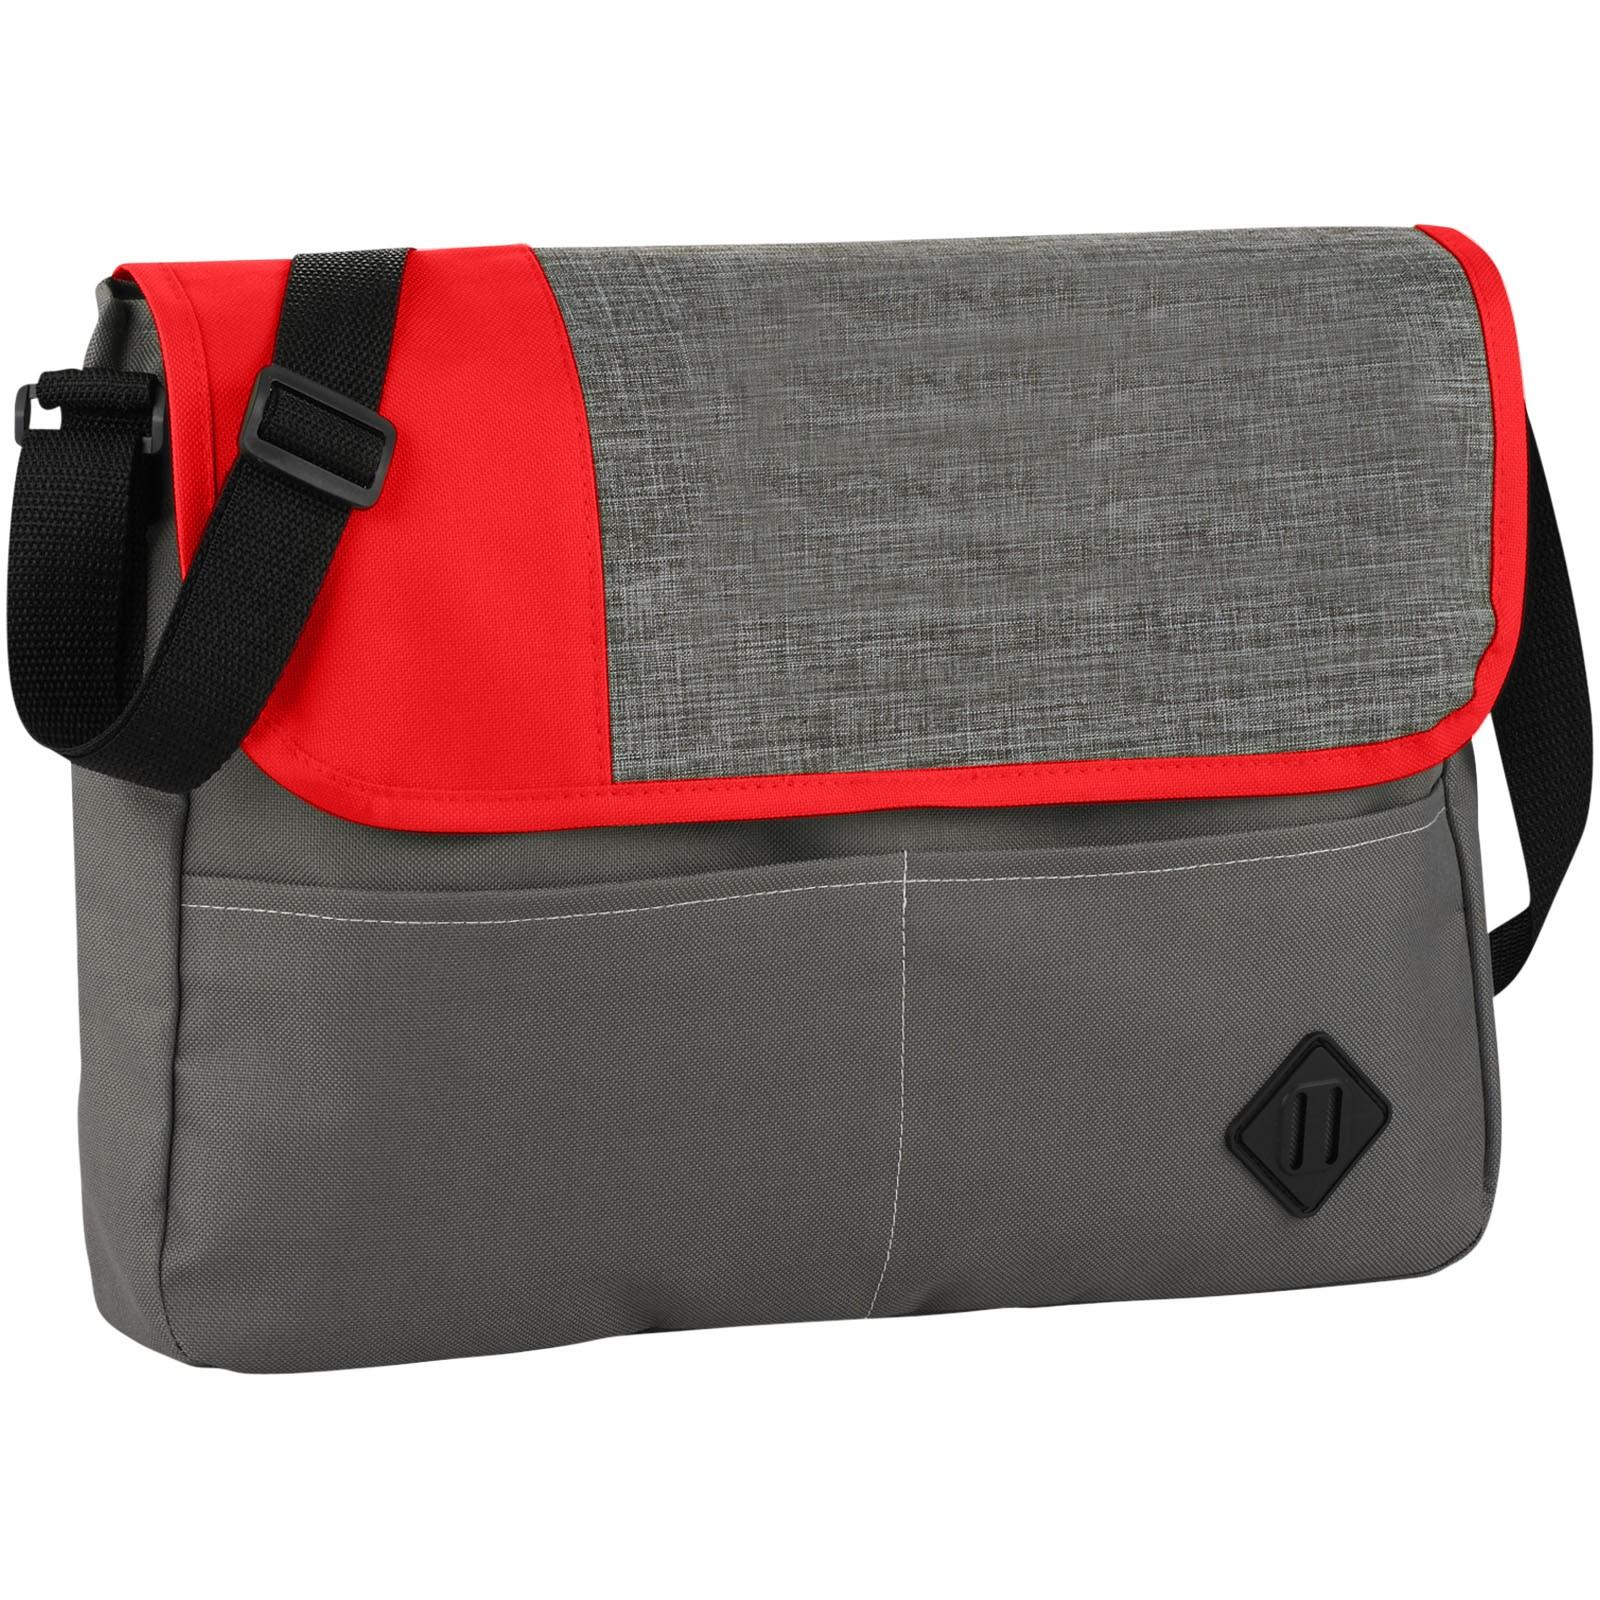 Konferenční taška Offset - Šedá / Červená s efektem námrazy